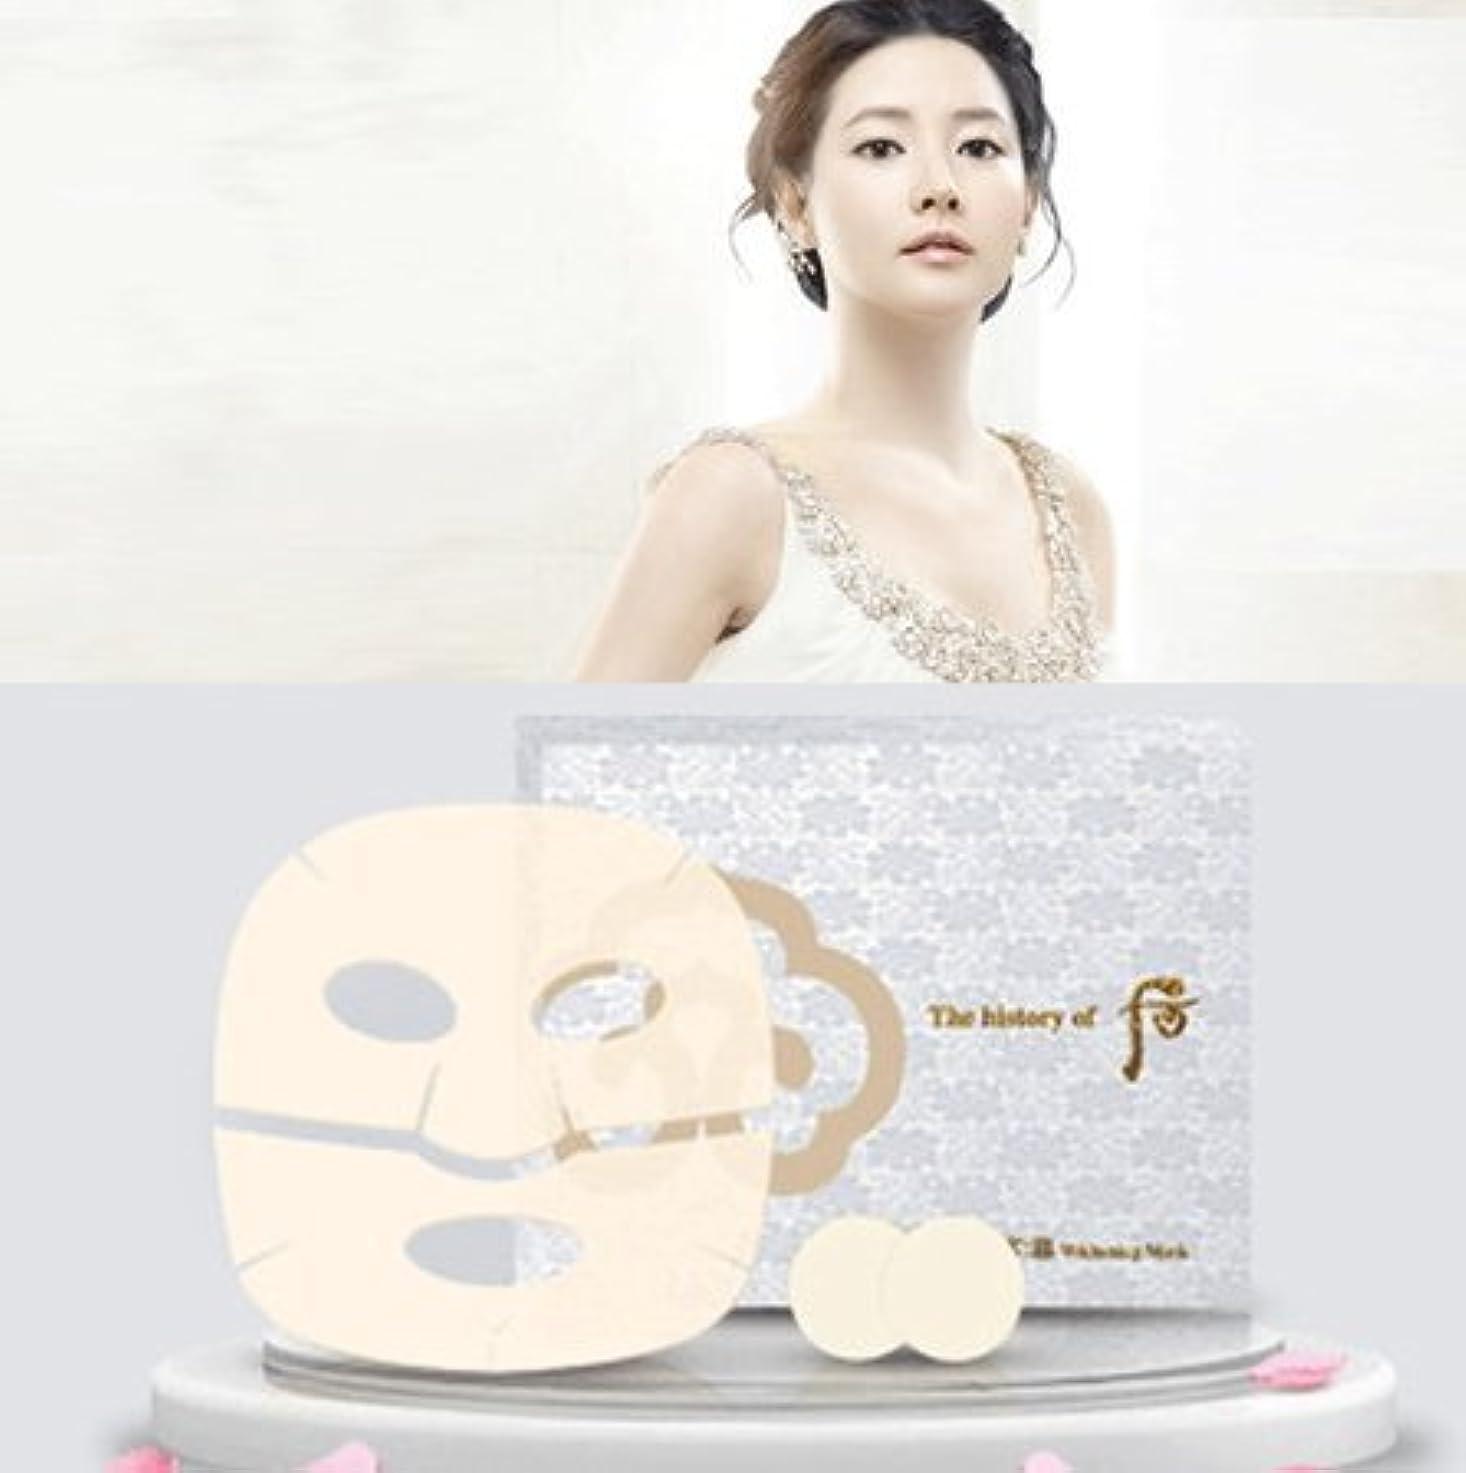 軽細心の肥料【フー/The history of whoo] Whoo后 ゴンジンヒャン 美白 光 マスク8枚入/ Gongjinhyang Mask Sheet 8ea+ Sample Gift(海外直送品)